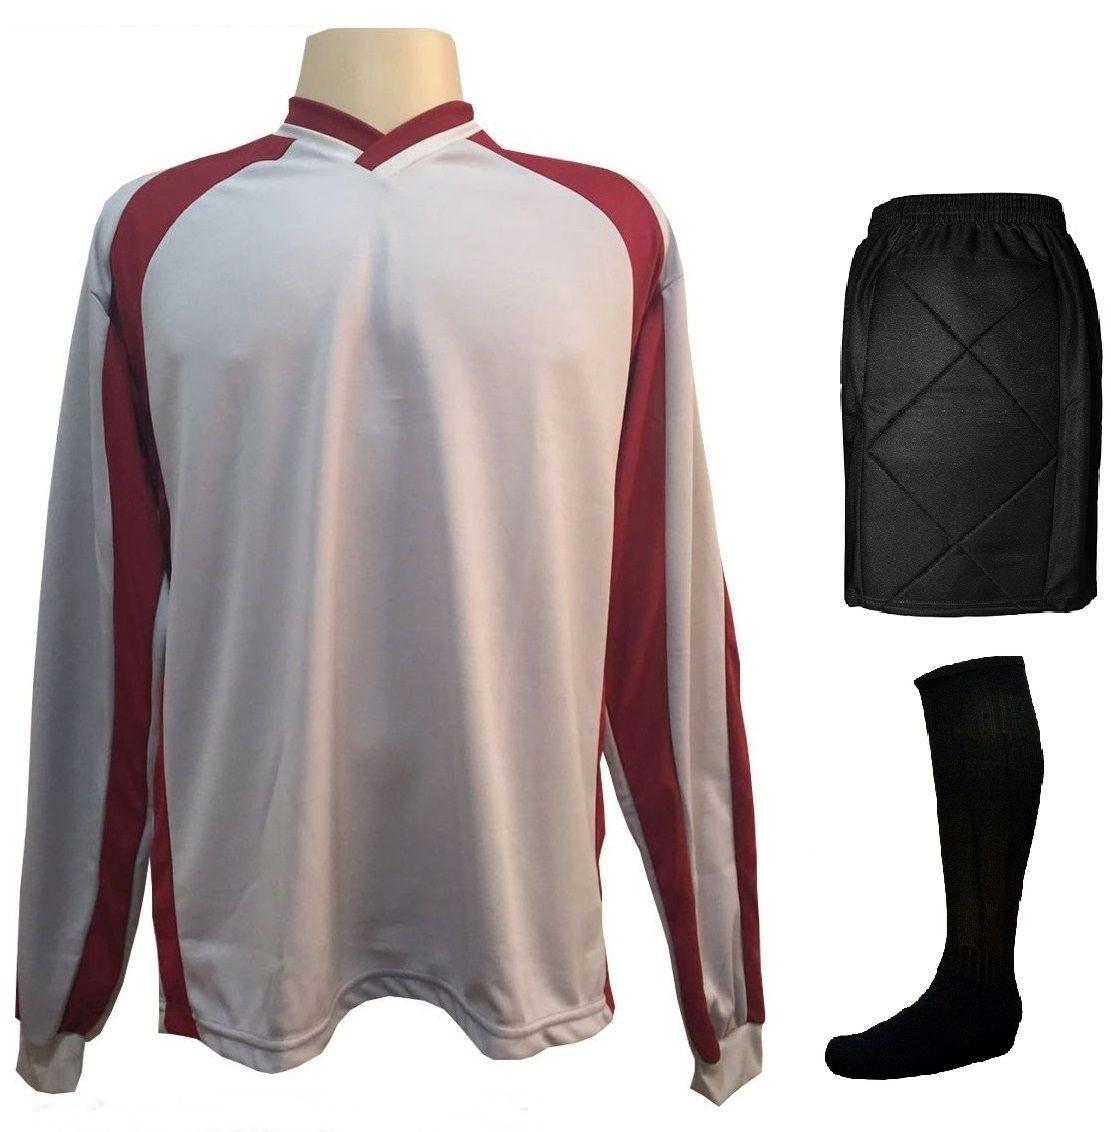 Uniforme Esportivo Completo modelo Suécia 14+ 1 (14 camisas Preto/Branco + 14 calções Madrid Branco + 14 pares de meiões Pretos + 1 conjunto de goleiro) + Brindes